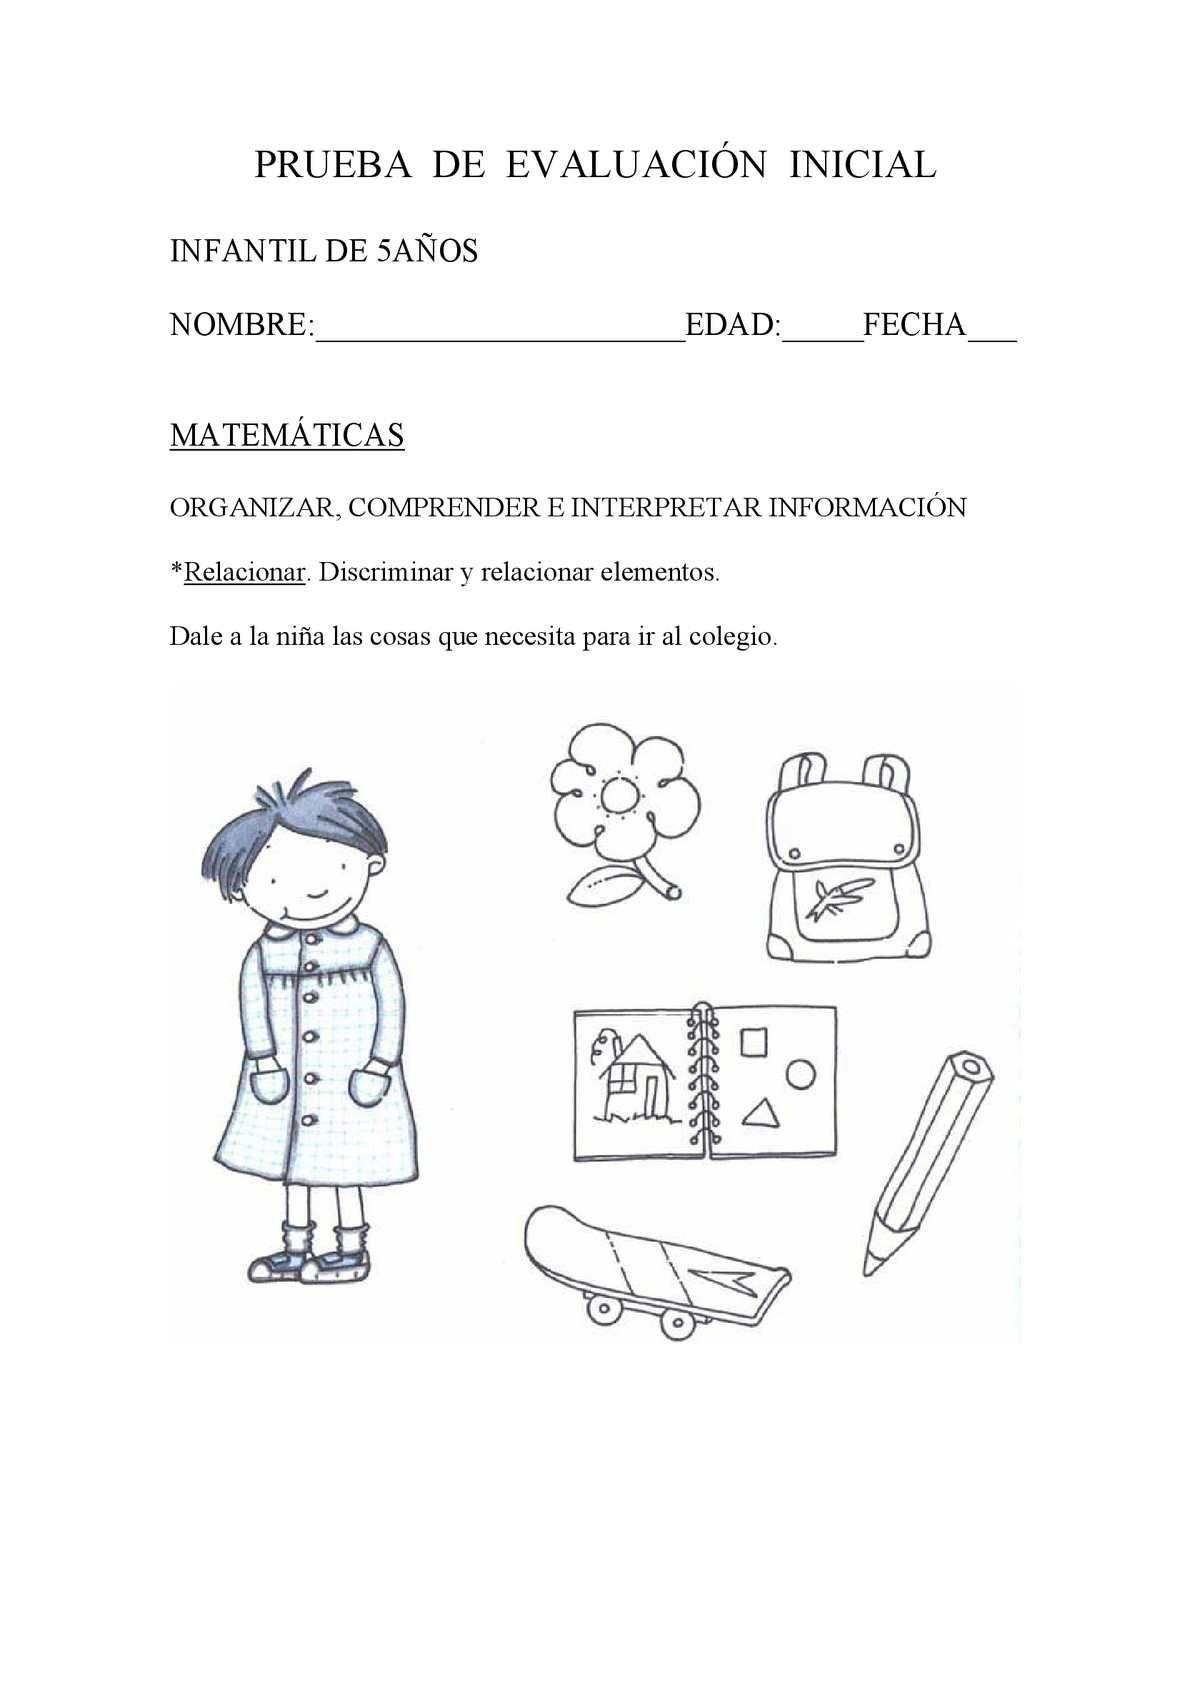 Prueba De Evaluación Inicial Infantil 5 Anos Matematicas Reading Interactive Word Search Puzzle